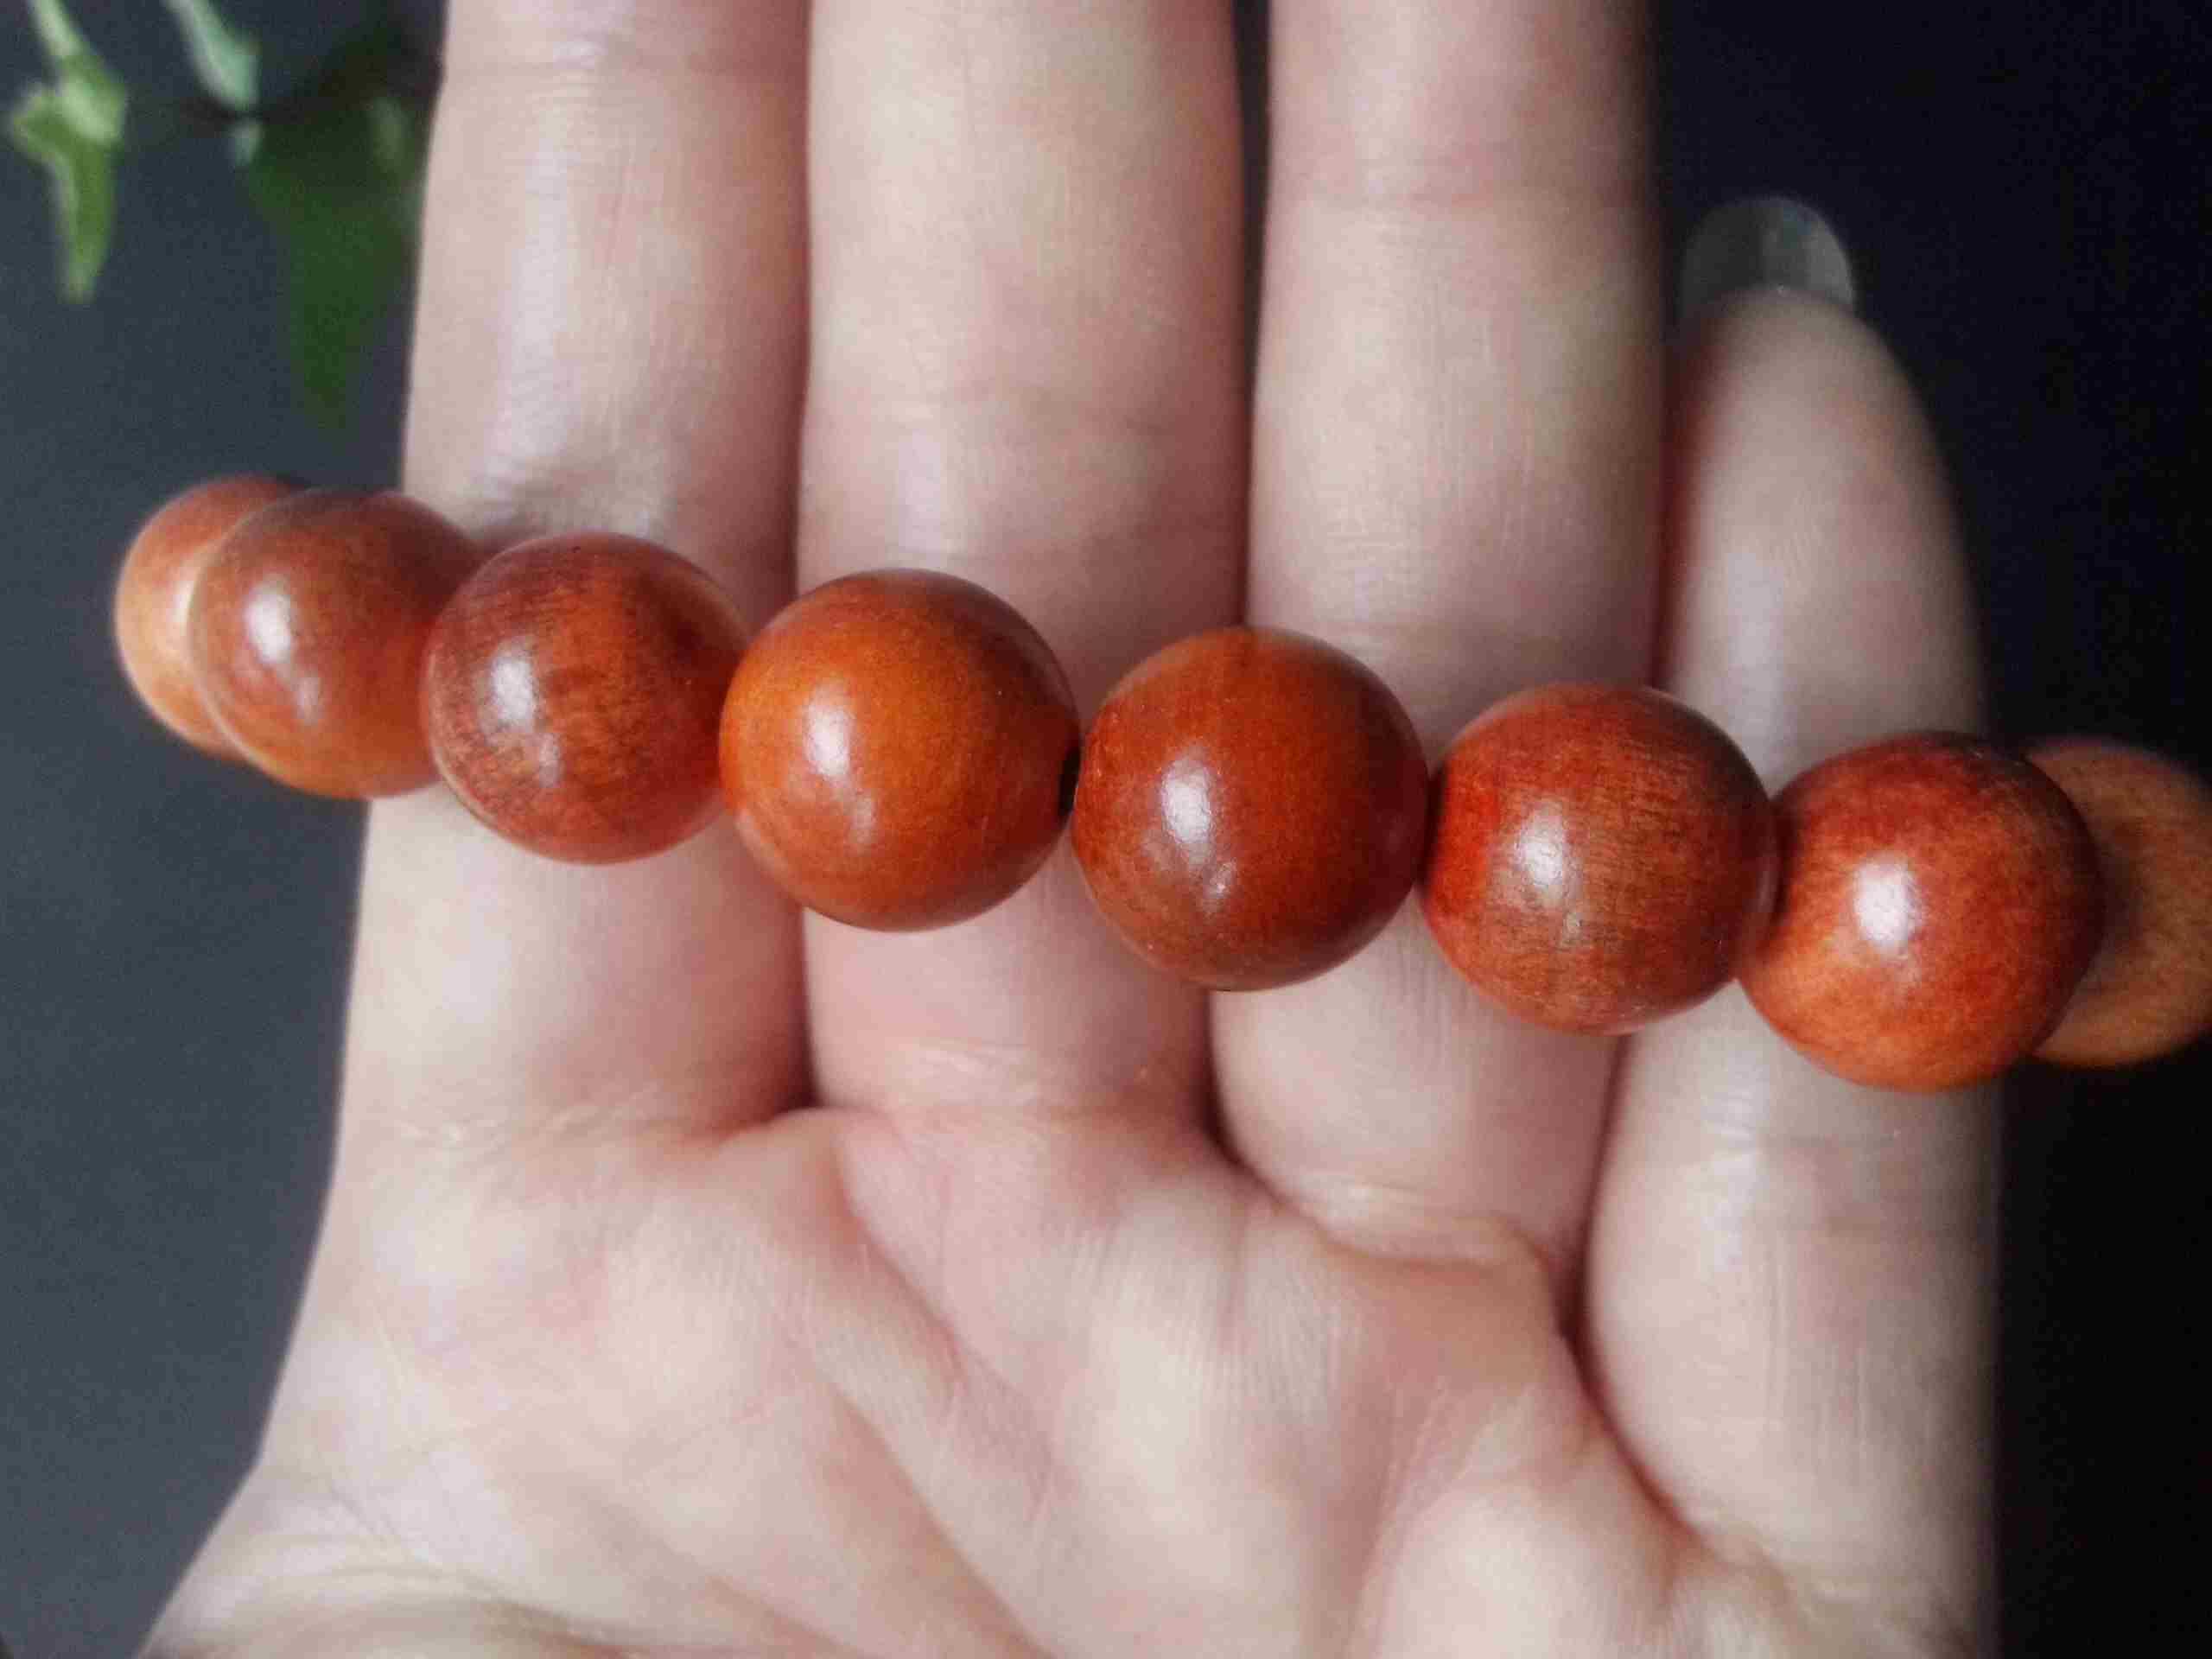 血龙木手链珠径1.2厘米